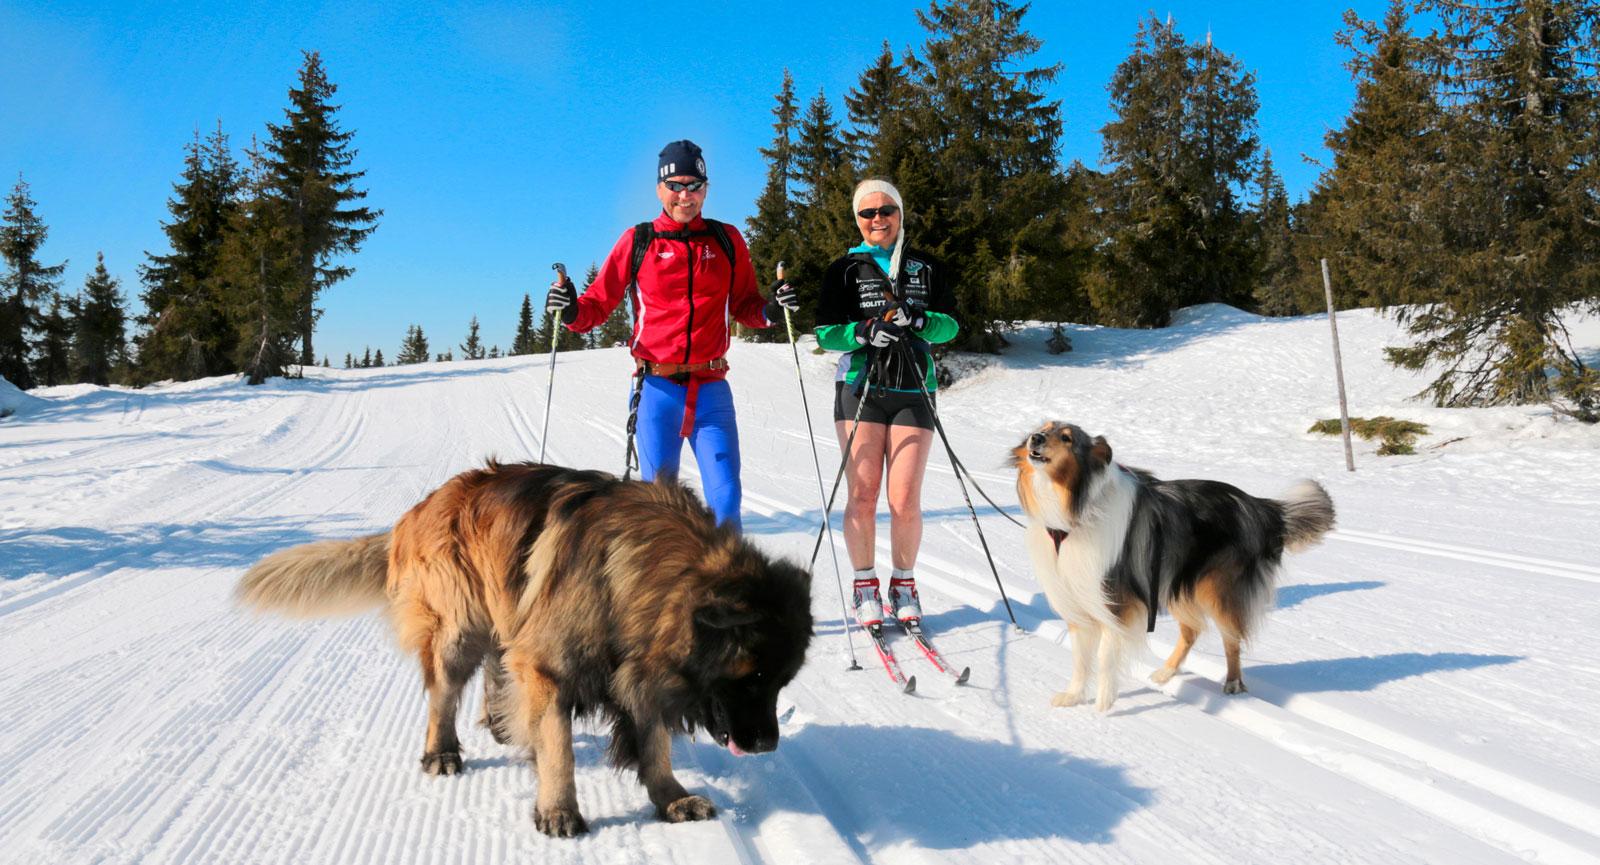 Spårare. Camparna Dag och Heidi Olaussen på träningstur med hundarna Vinnie och Alex som också tycks ha fått upp ett spår.